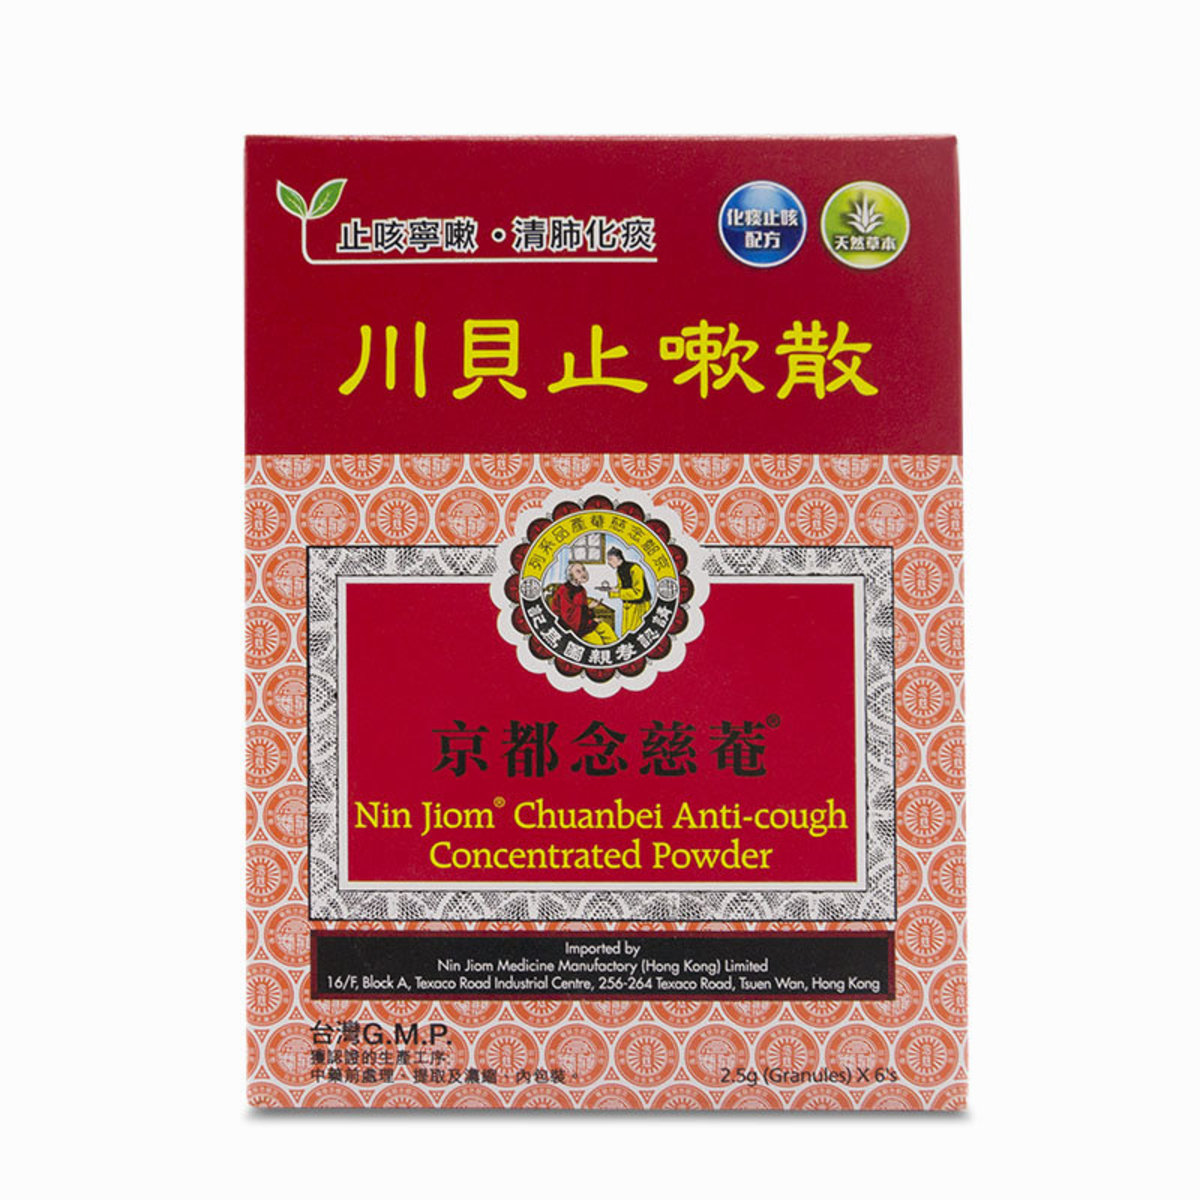 Chuanbei Anti-Cough 6pack2.5 x6pack